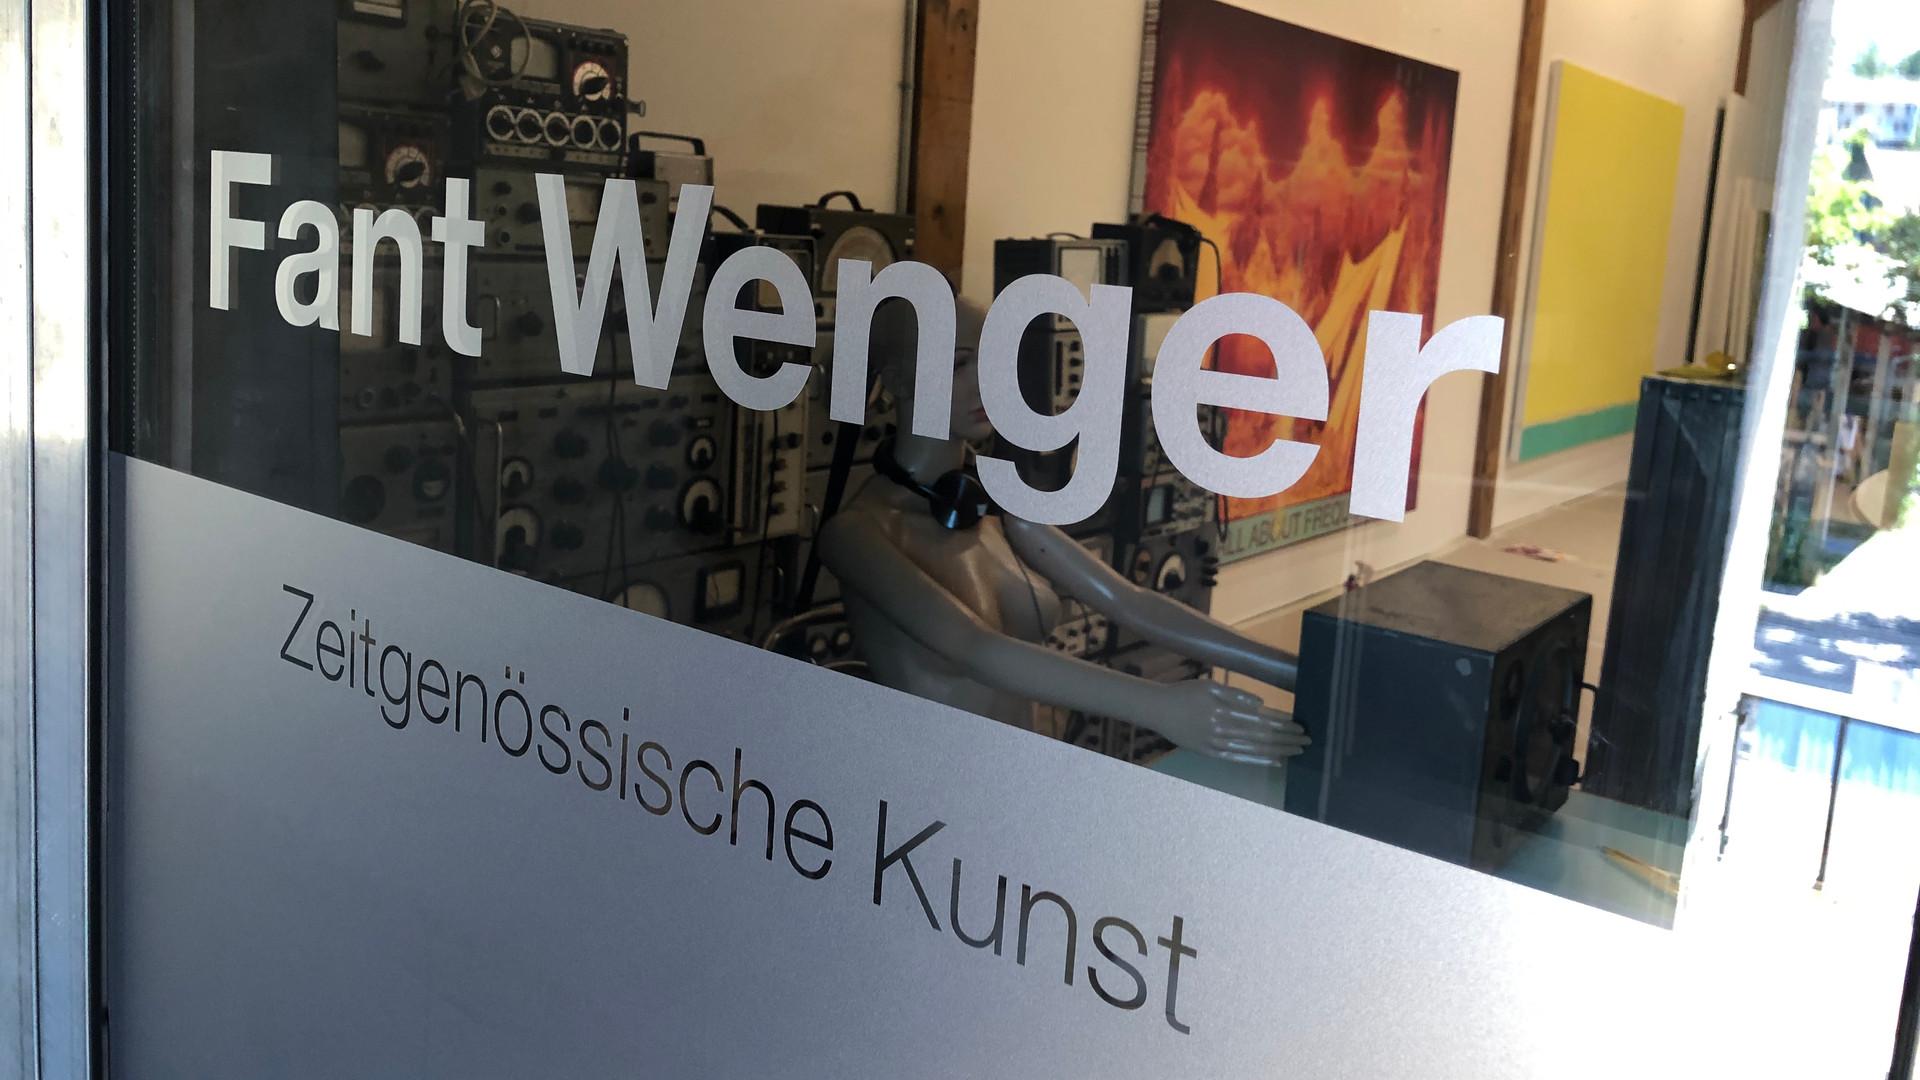 Glastürbeschriftung im Zeughaus1, Fant Wenger